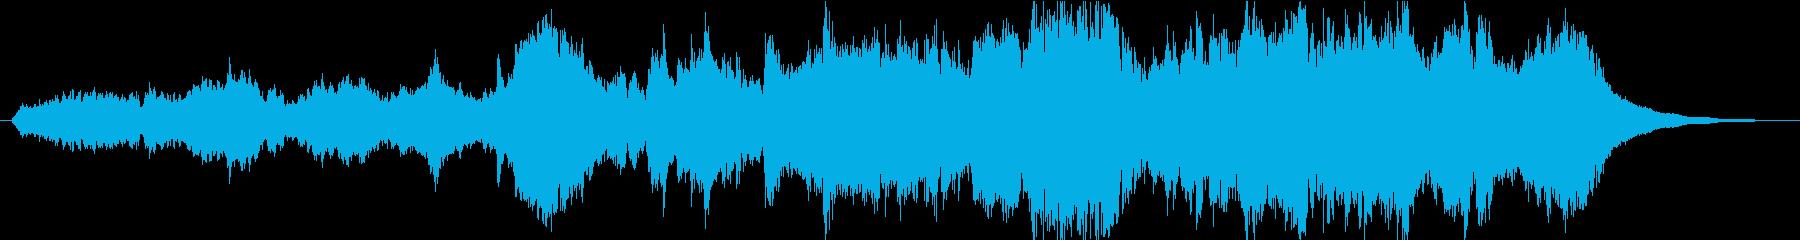 和風情緒ある優雅なオーケストラ(短縮版)の再生済みの波形